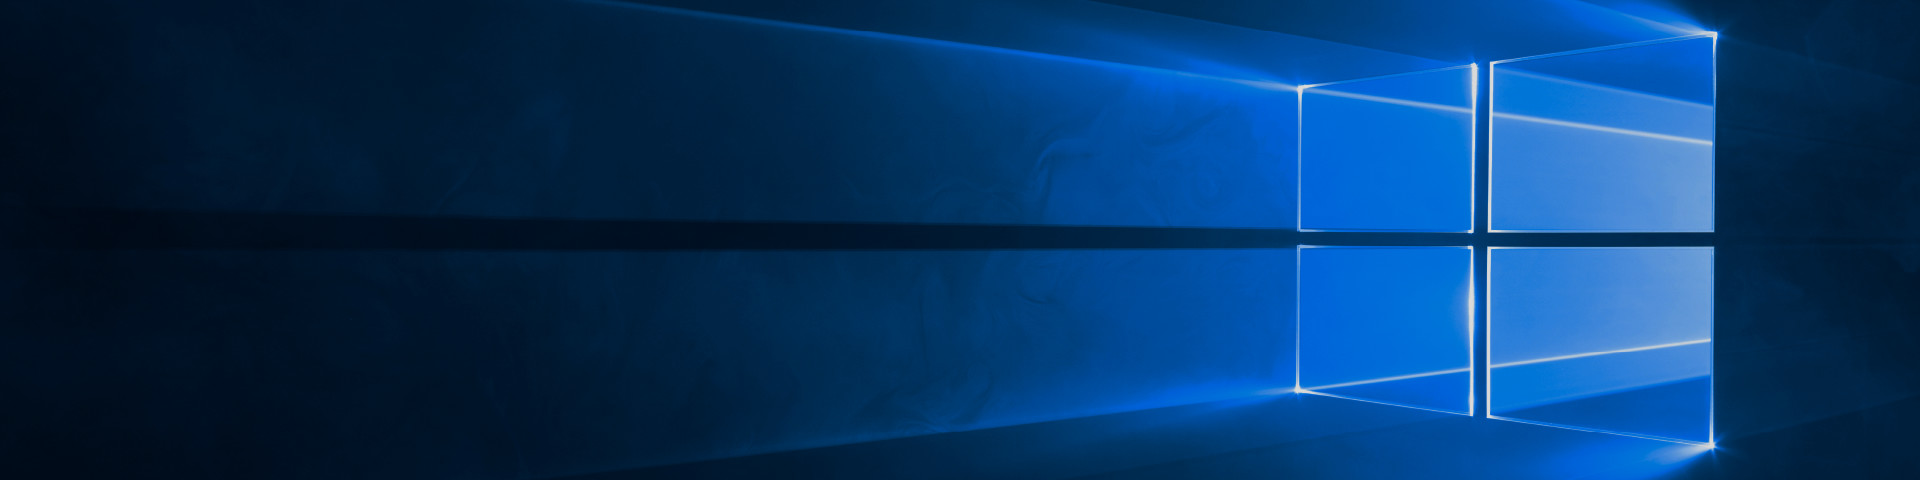 Windows 10 è arrivato e puoi scaricarlo gratuitamente.*